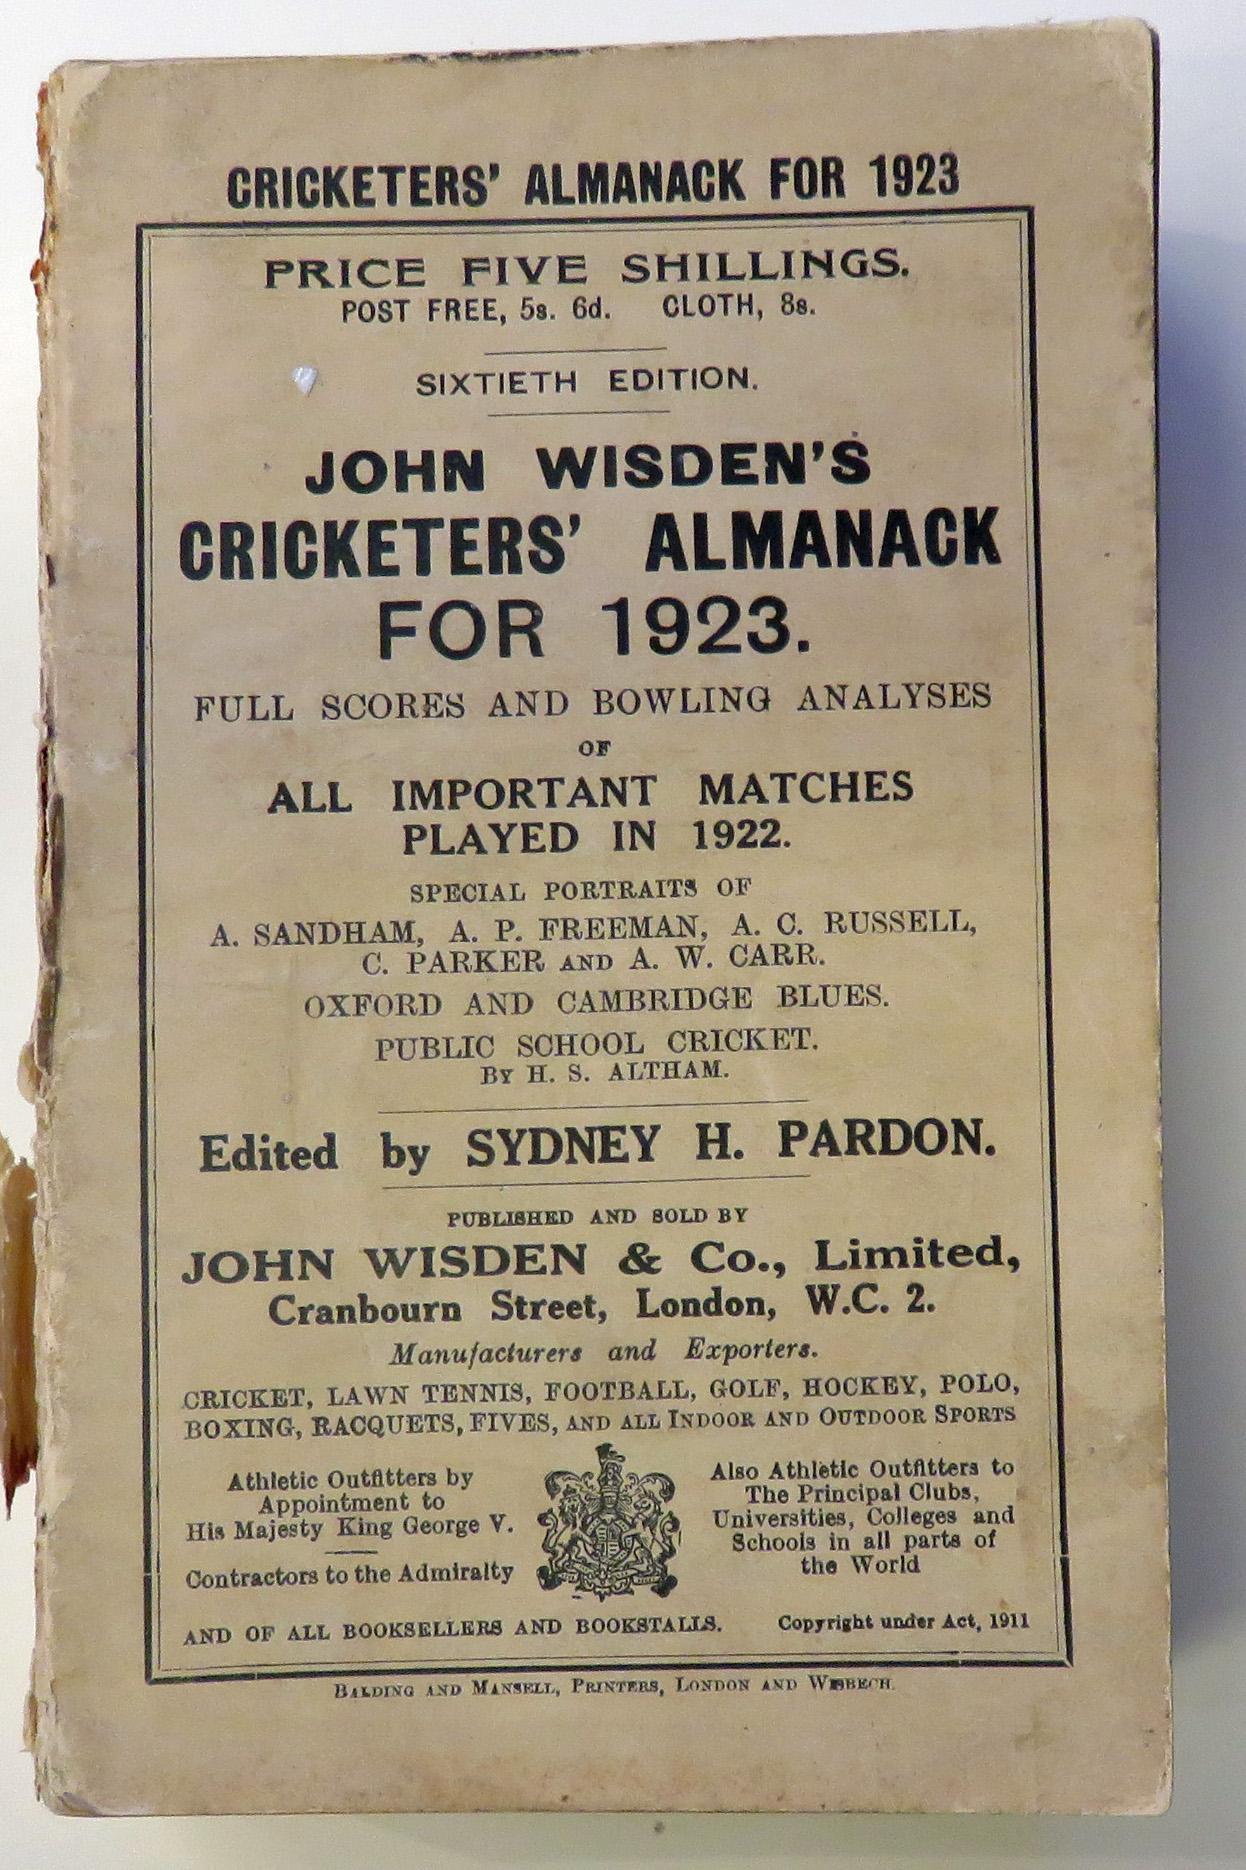 John Wisden's Cricketers' Almanack For 1923